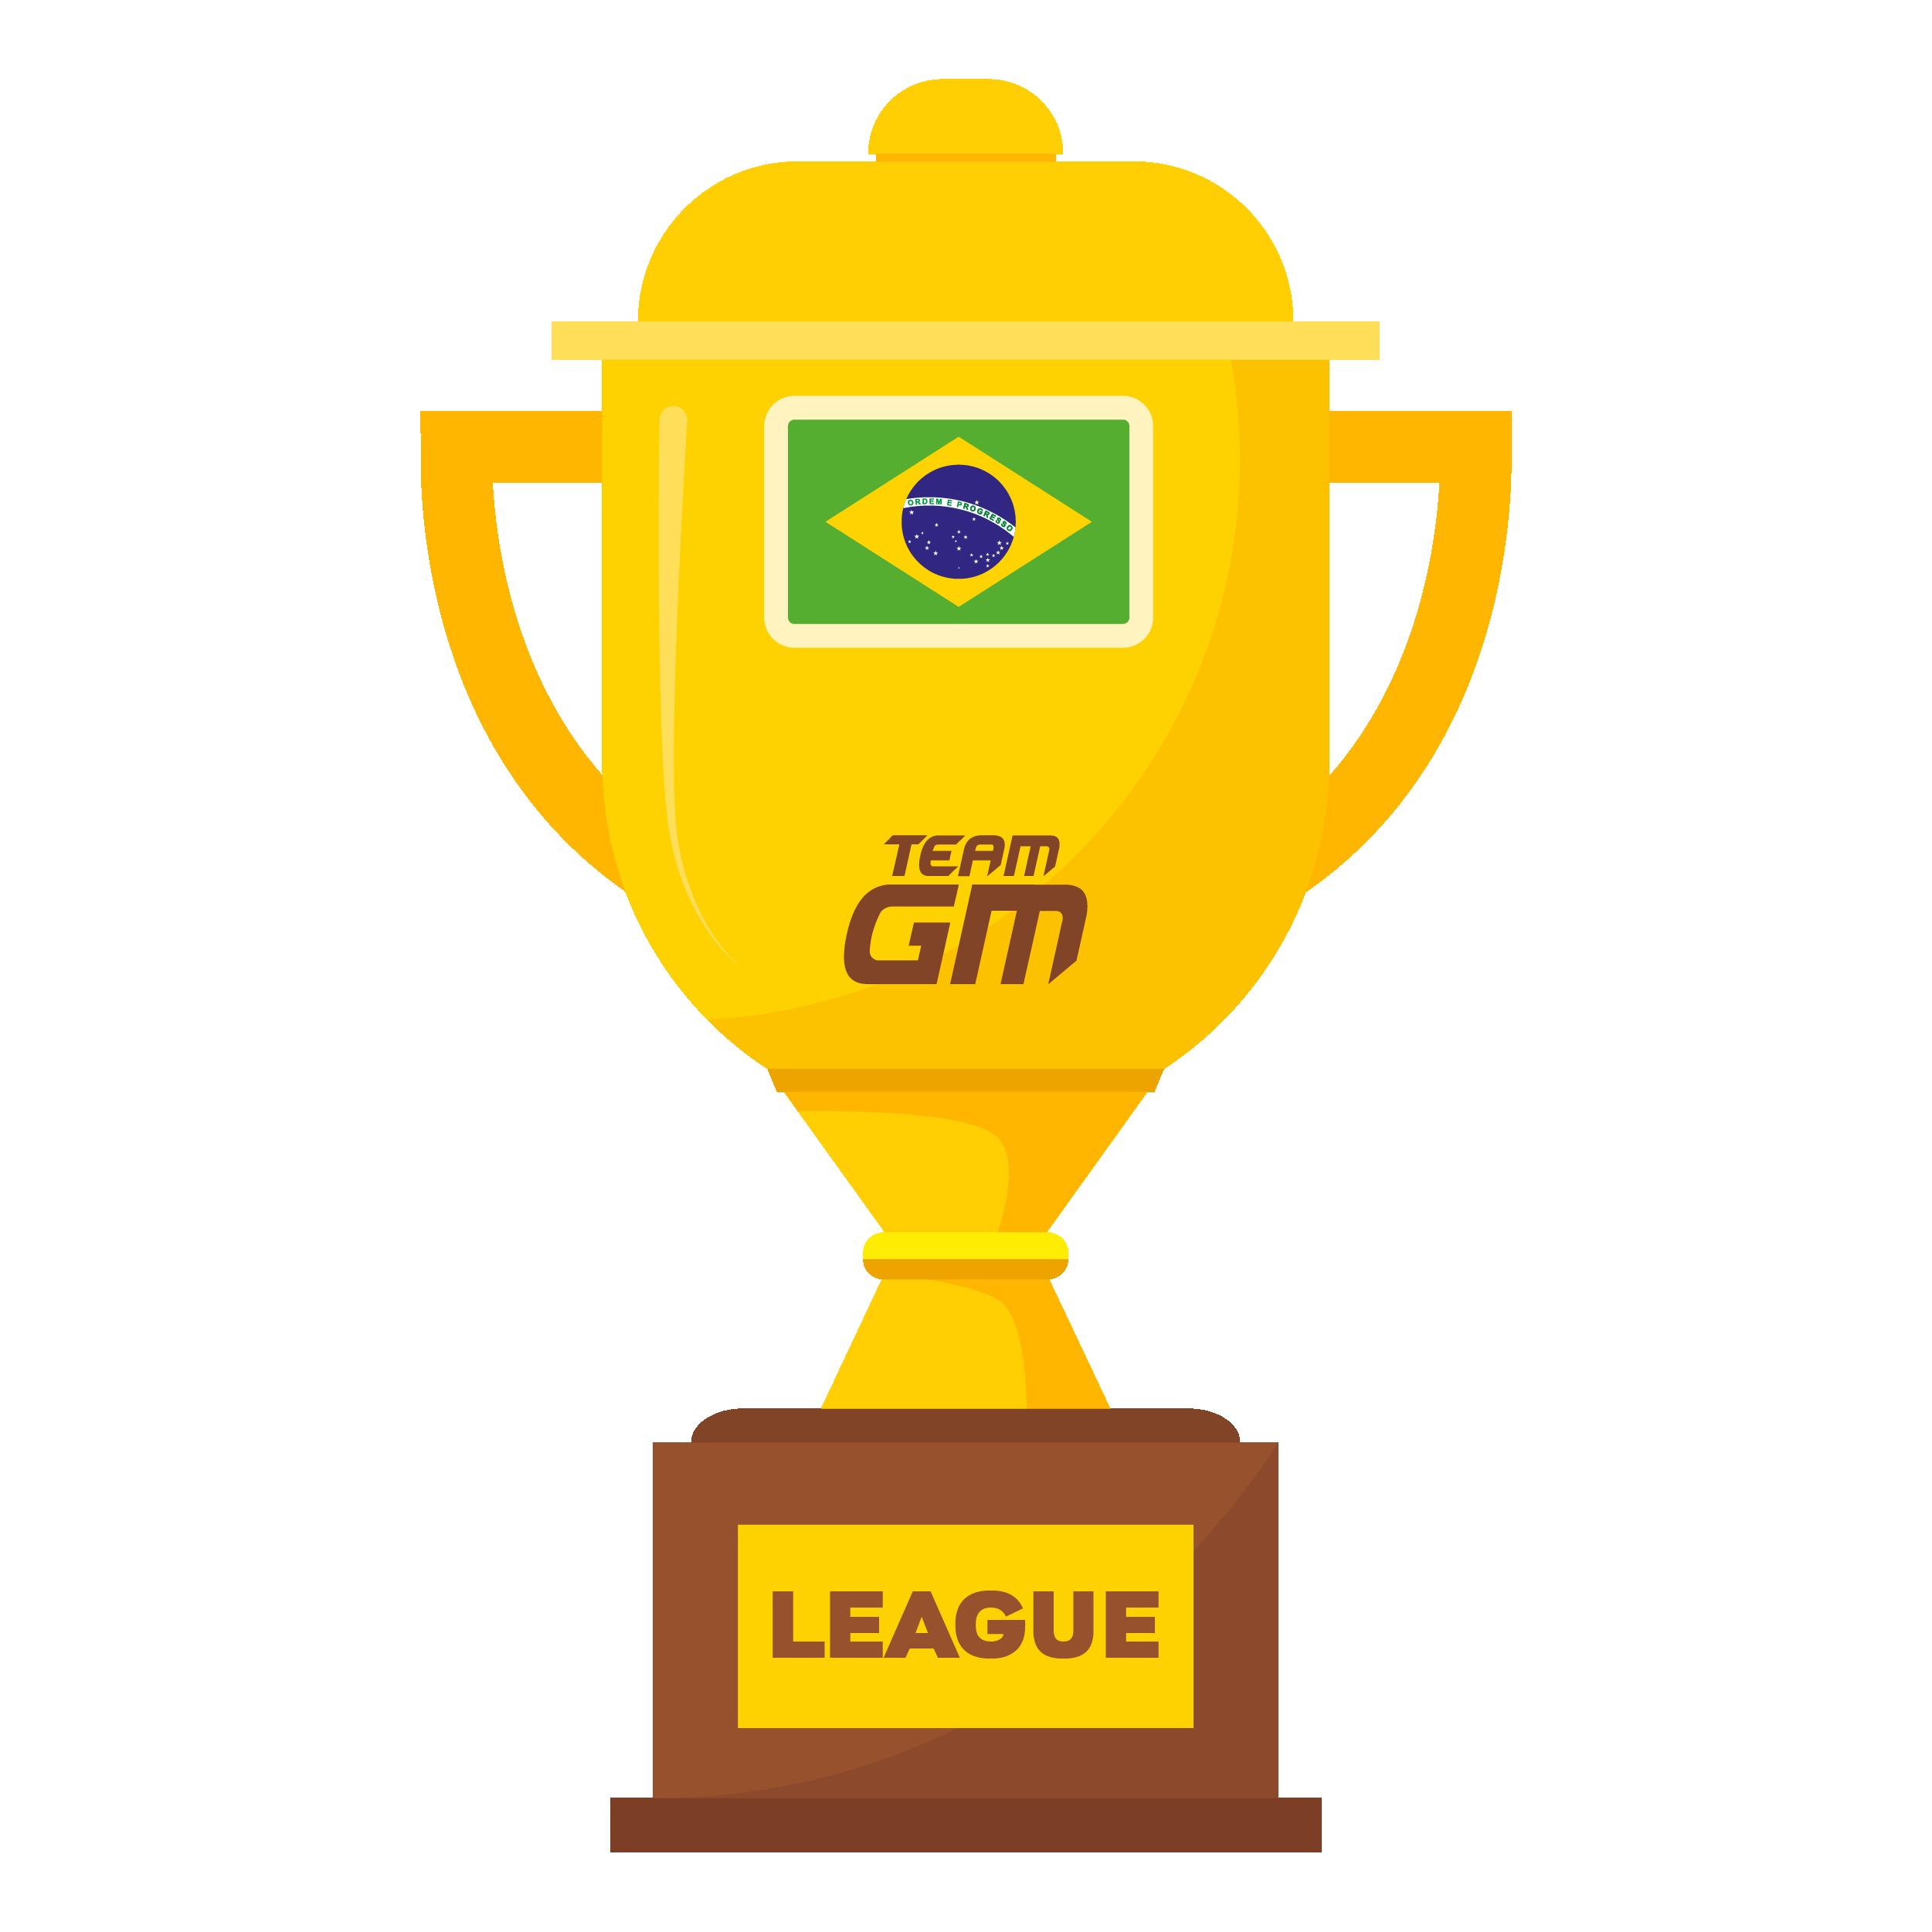 14TH - BRAZILIAN SUPER LEAGUE